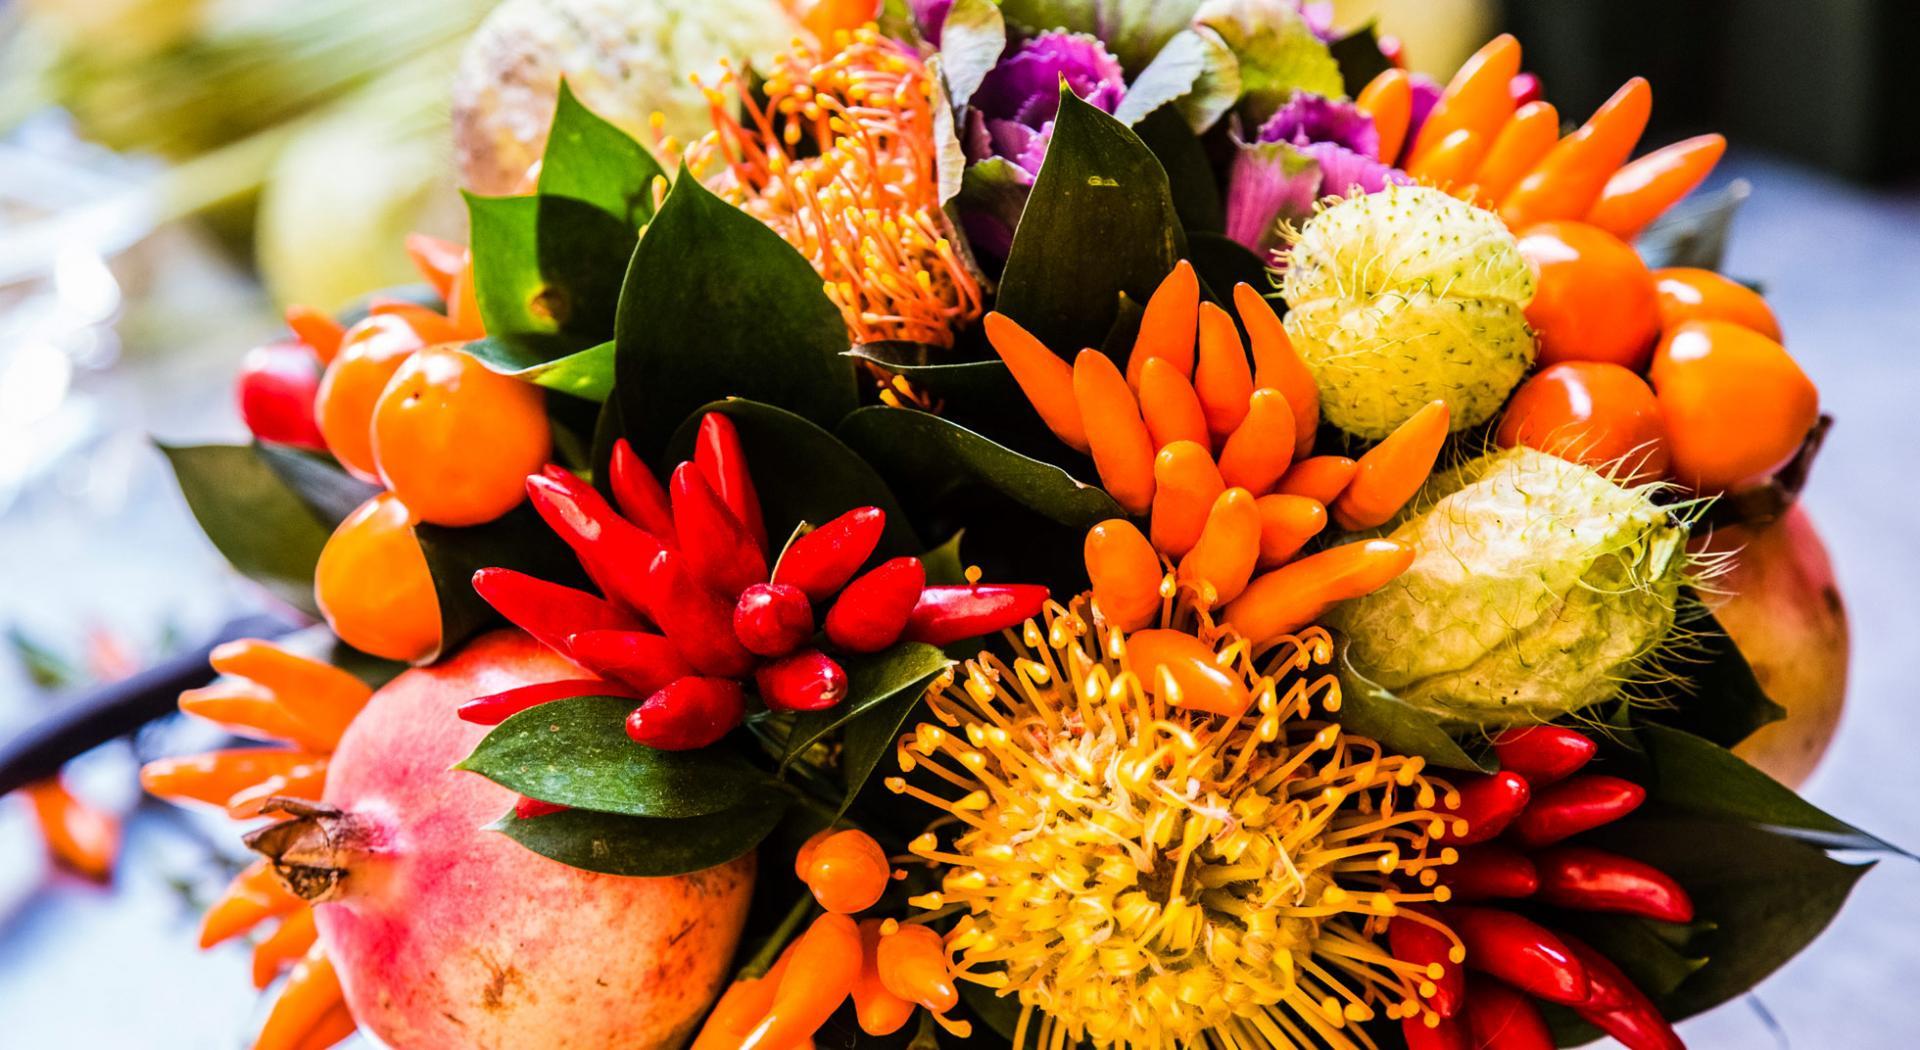 Addobbi Natalizi Con Frutta come decorare la tavola con la frutta, 5 idee da copiare